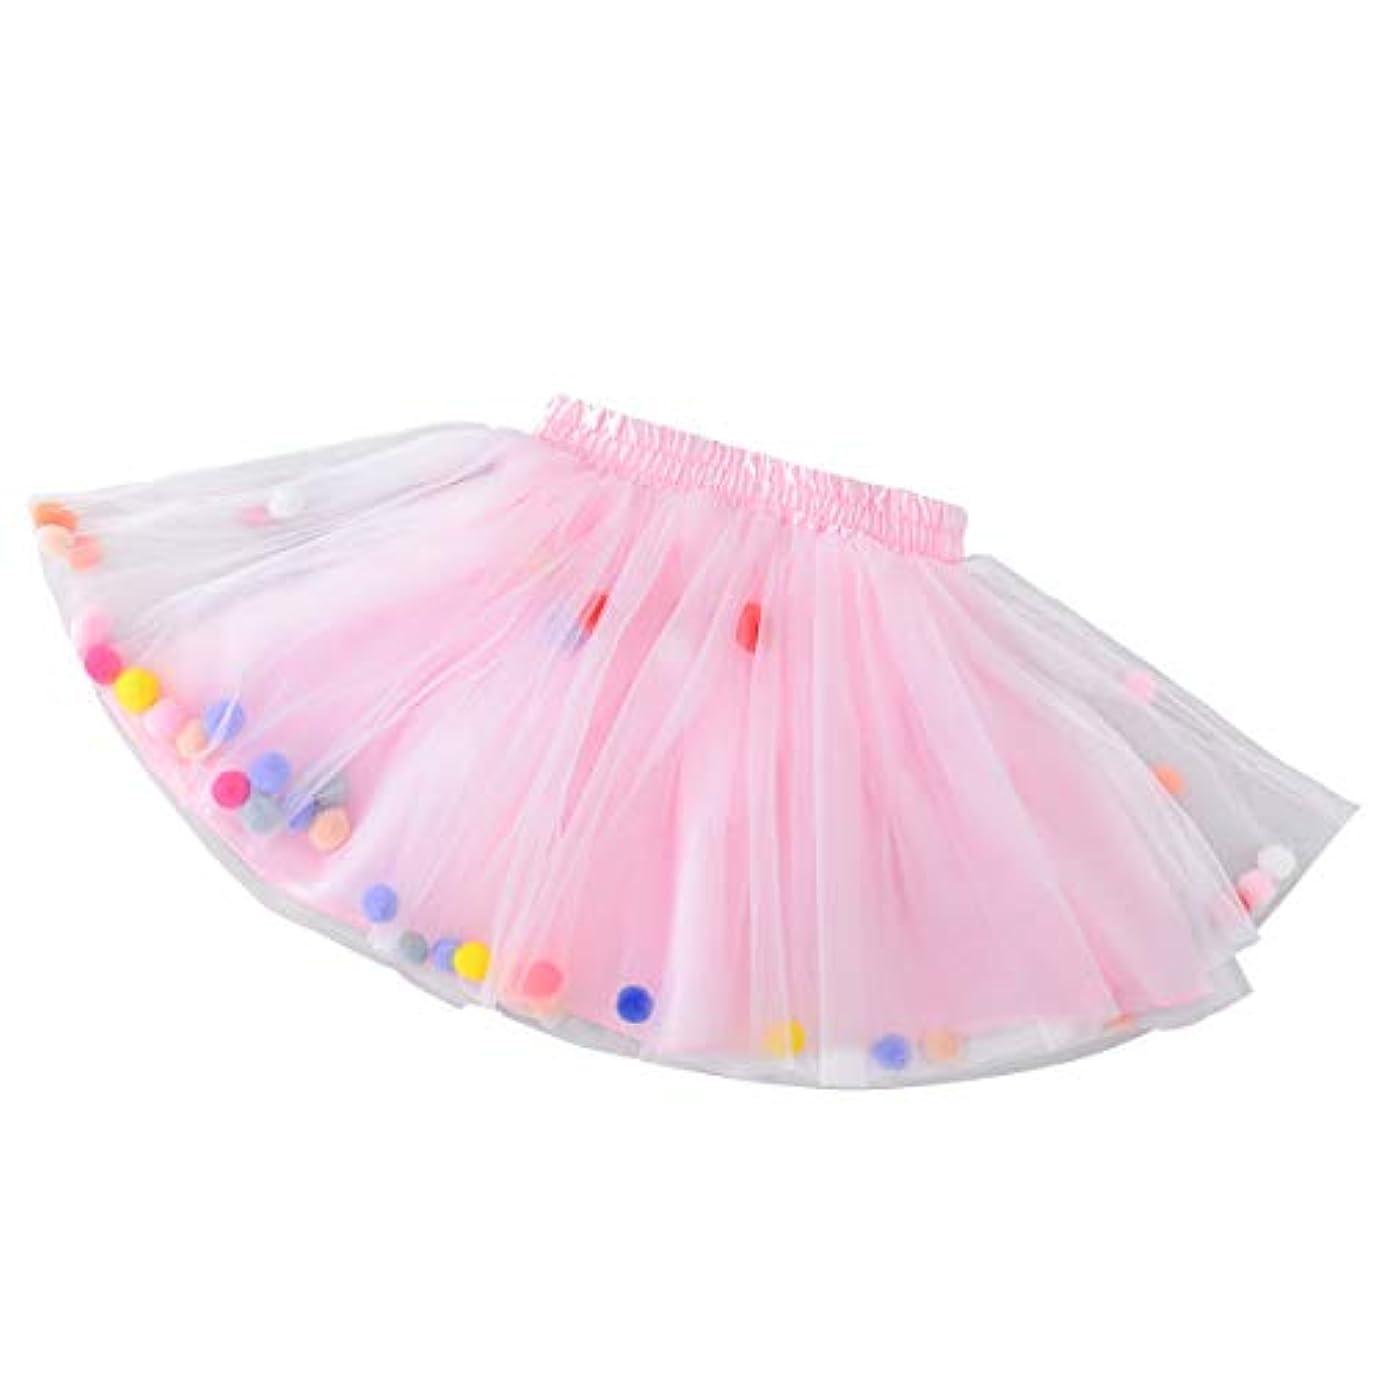 助言振りかけるフェードYeahiBaby 子供チュチュスカートラブリーピンクミディスカートカラフルなファジーボールガーゼスカートプリンセスドレス衣装用女の子(サイズl)